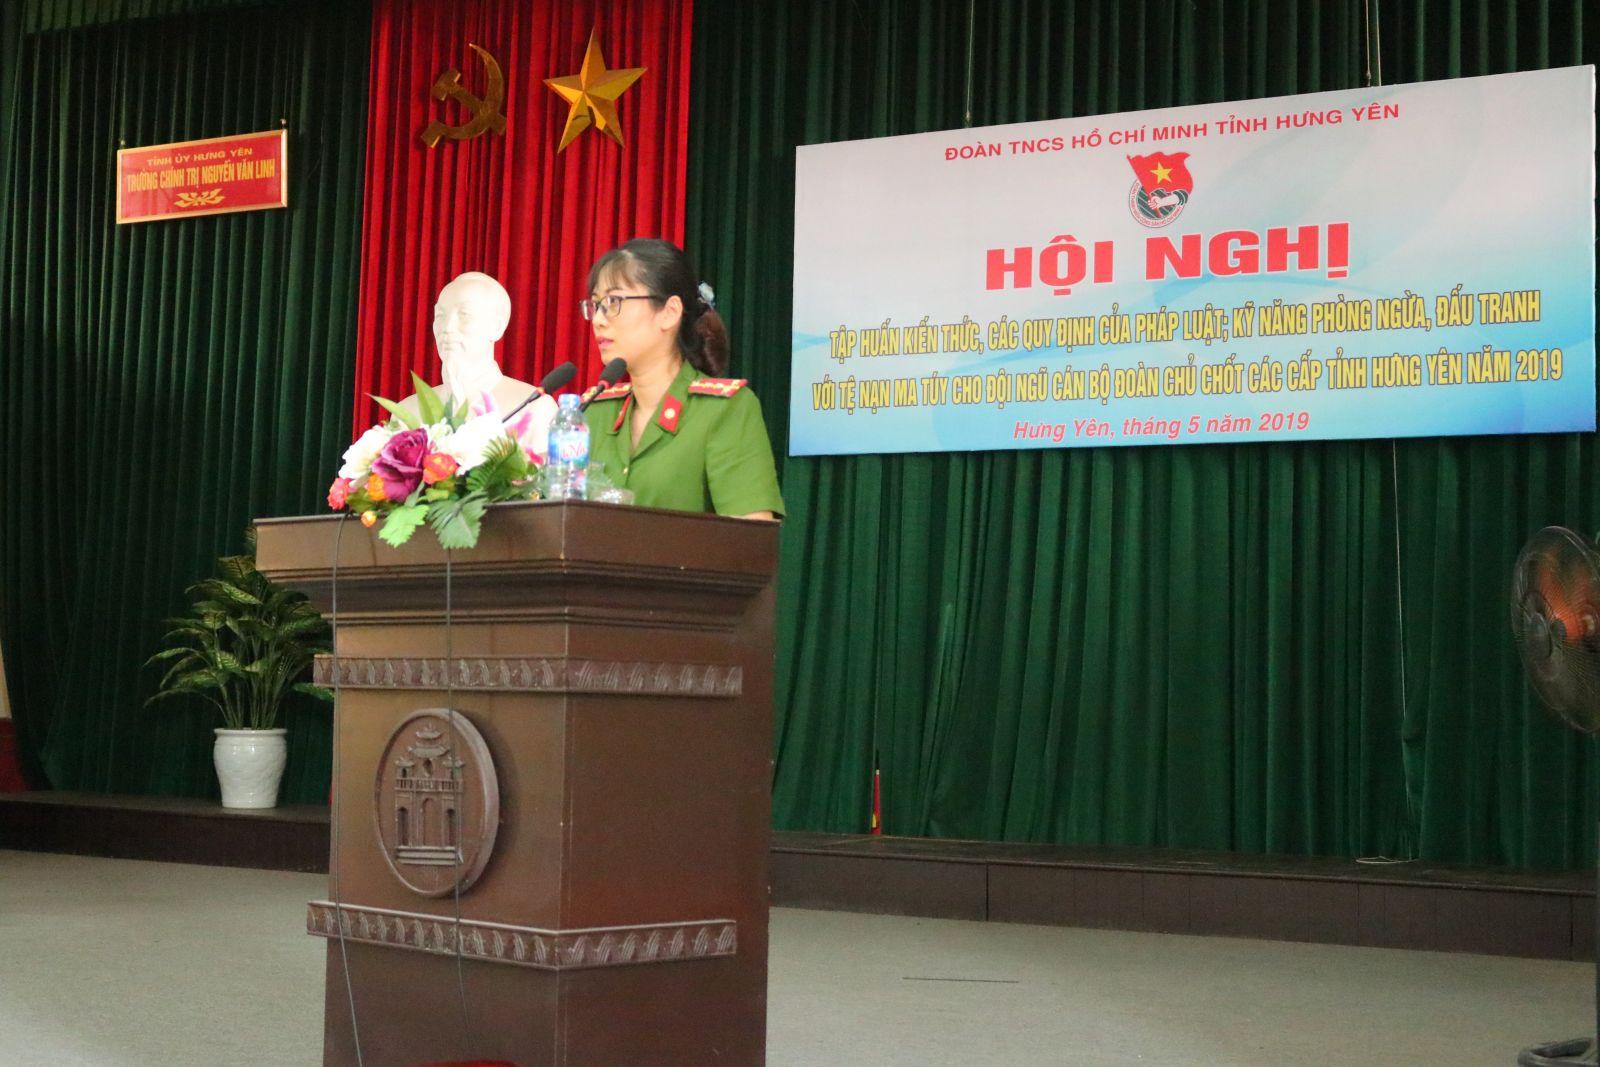 Hội nghị tập huấn kiến thức, các quy định của pháp luật; kỹ năng phòng ngừa đấu tranh với tệ nạn ma túy tỉnh Hưng Yên năm 2019